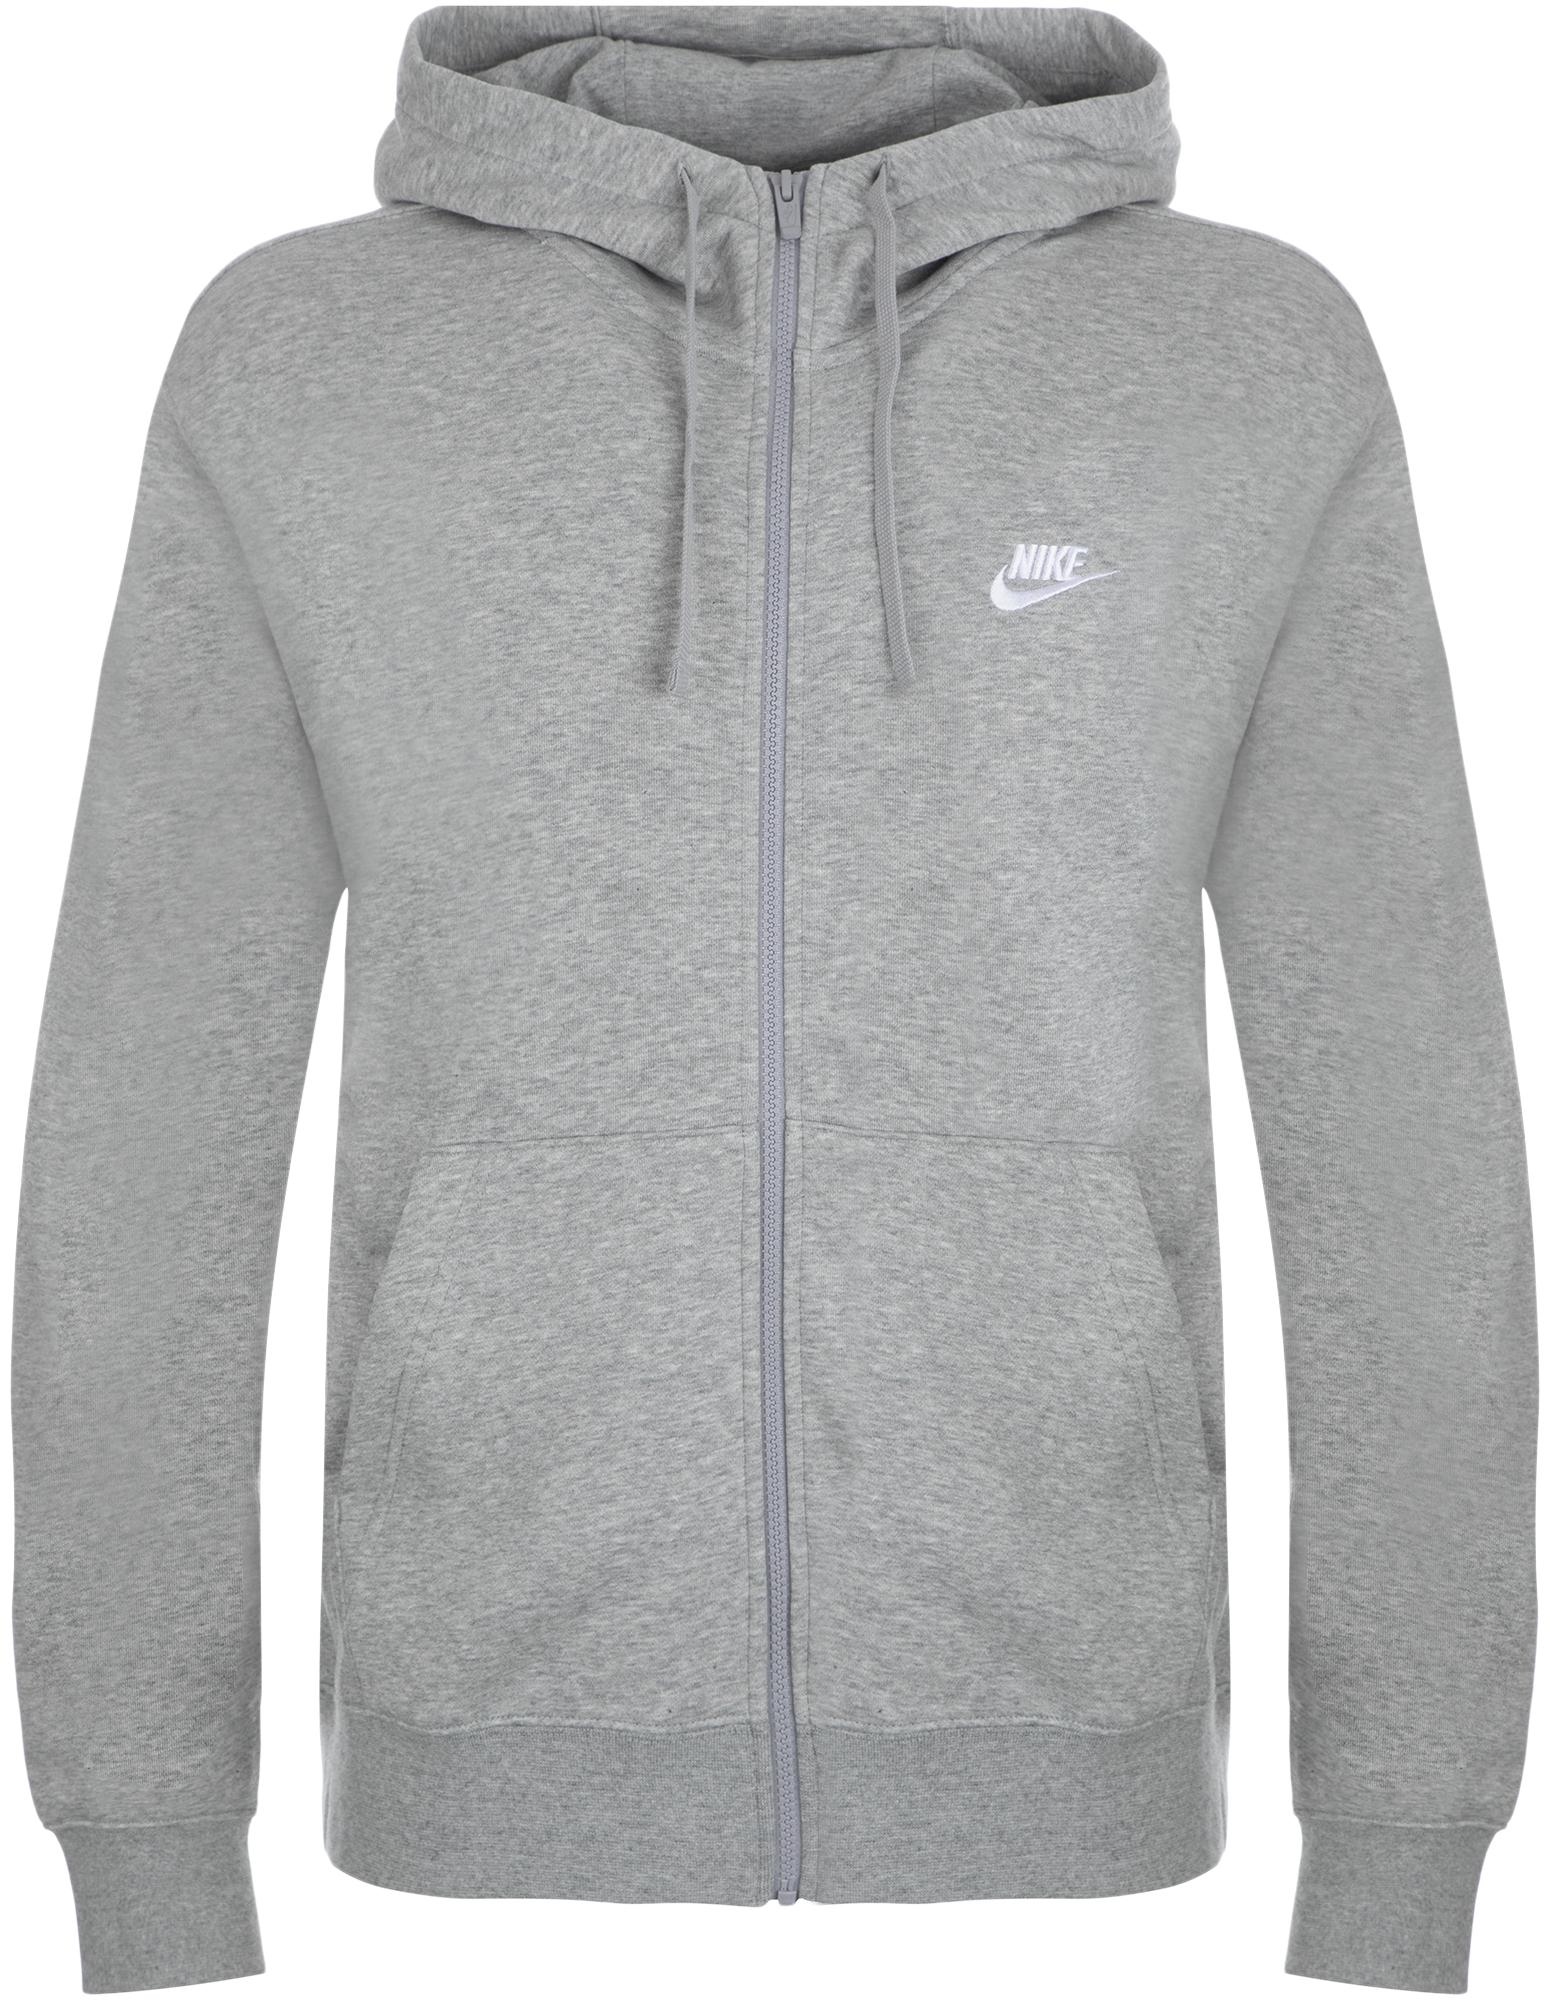 Nike Толстовка мужская Club, размер 54-56